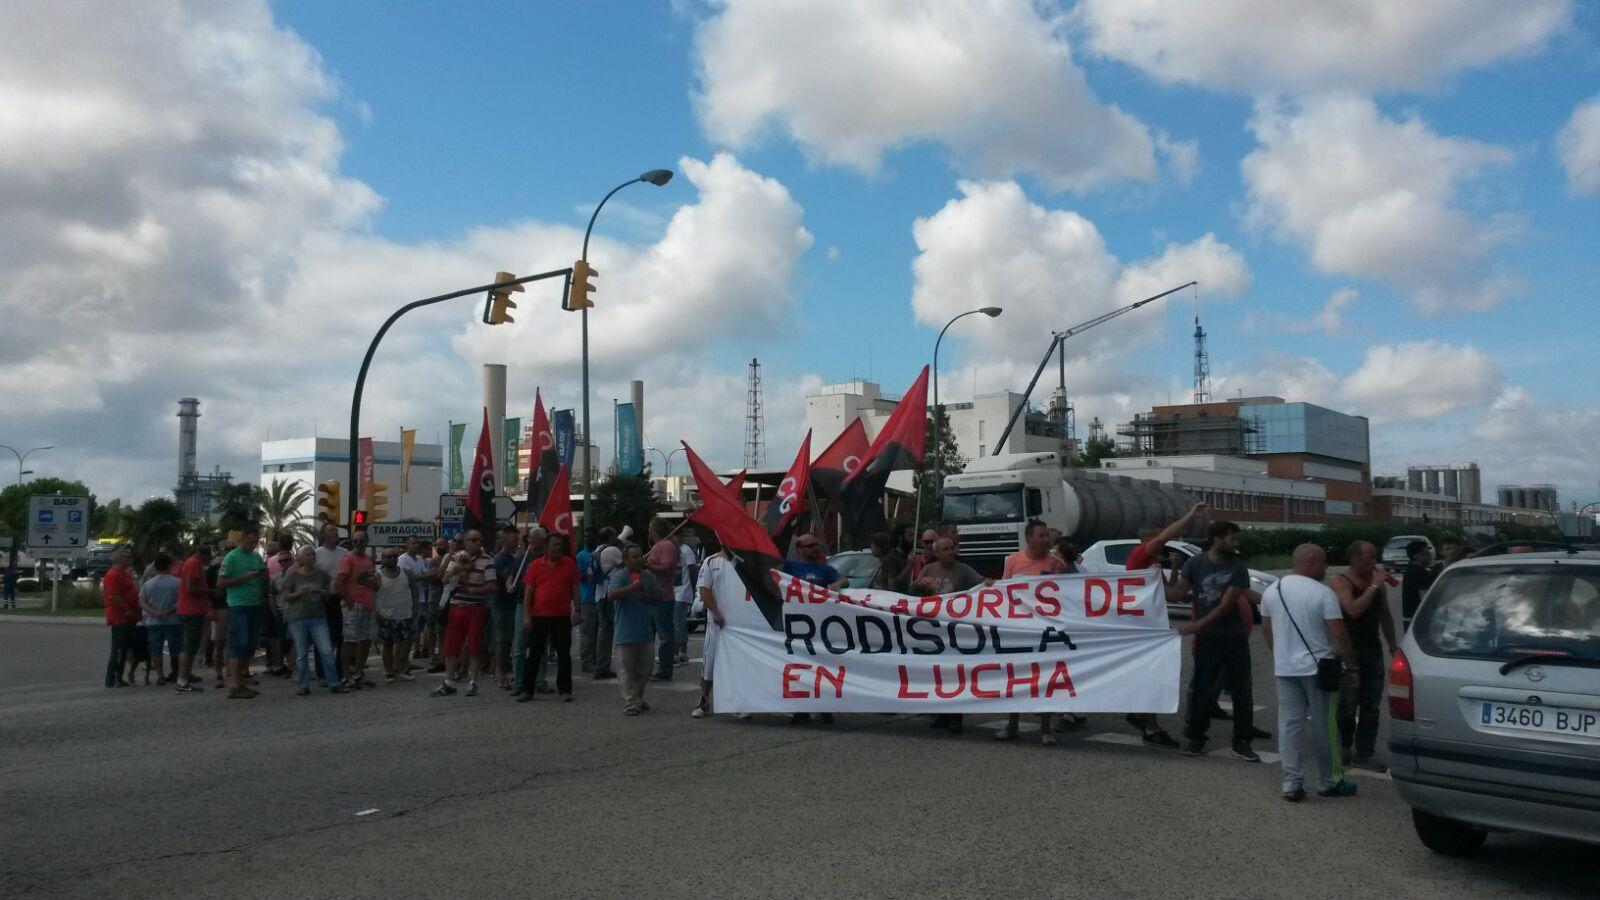 Treballadors de Rodisola en lluita amb vaga indefinida